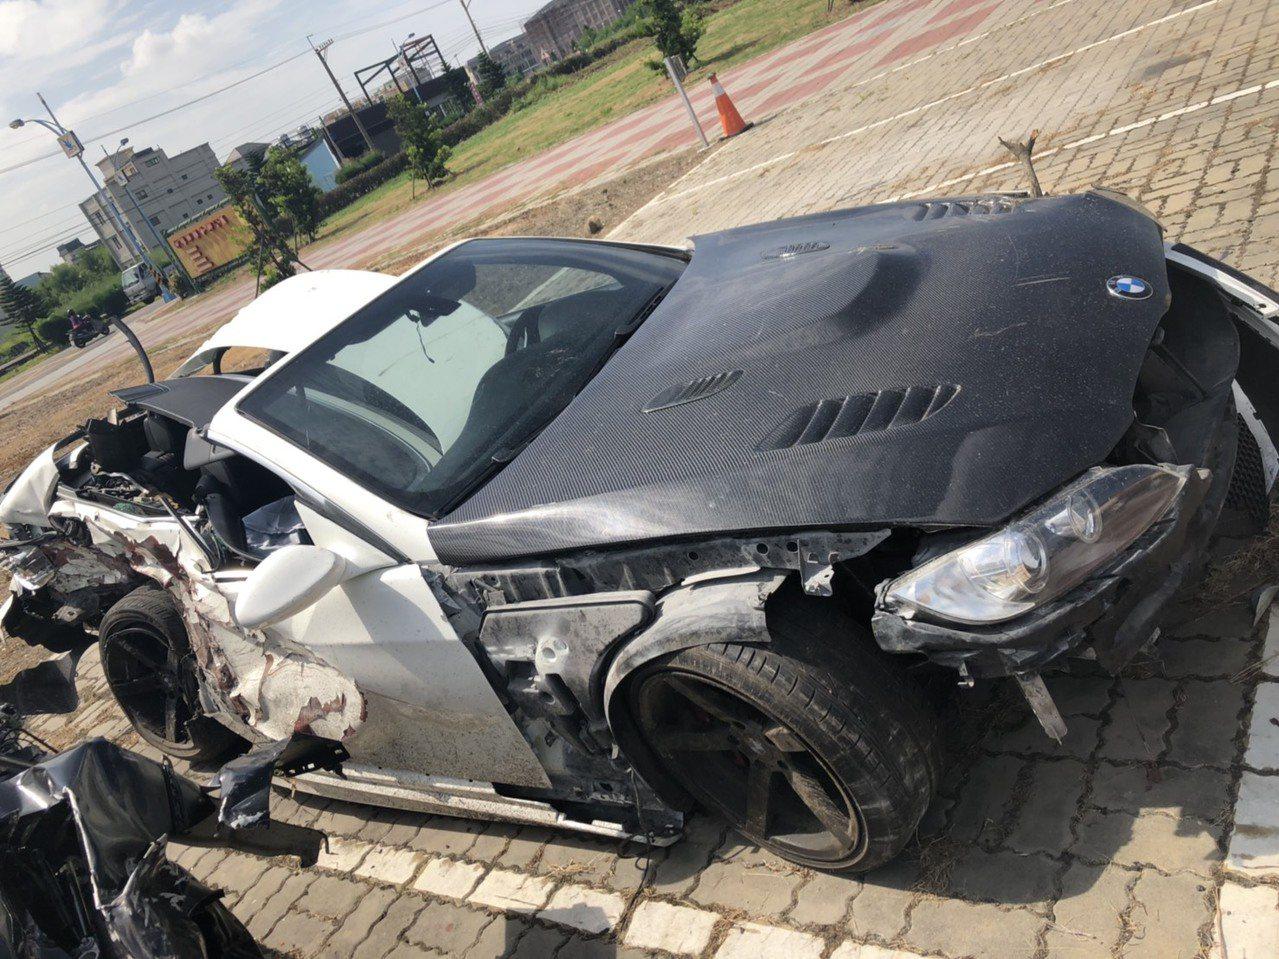 彰化縣伸港鄉濱二路昨天凌晨多輛名車疑競速,造成二輛BMW汽車追撞成廢鐵,3人輕傷...